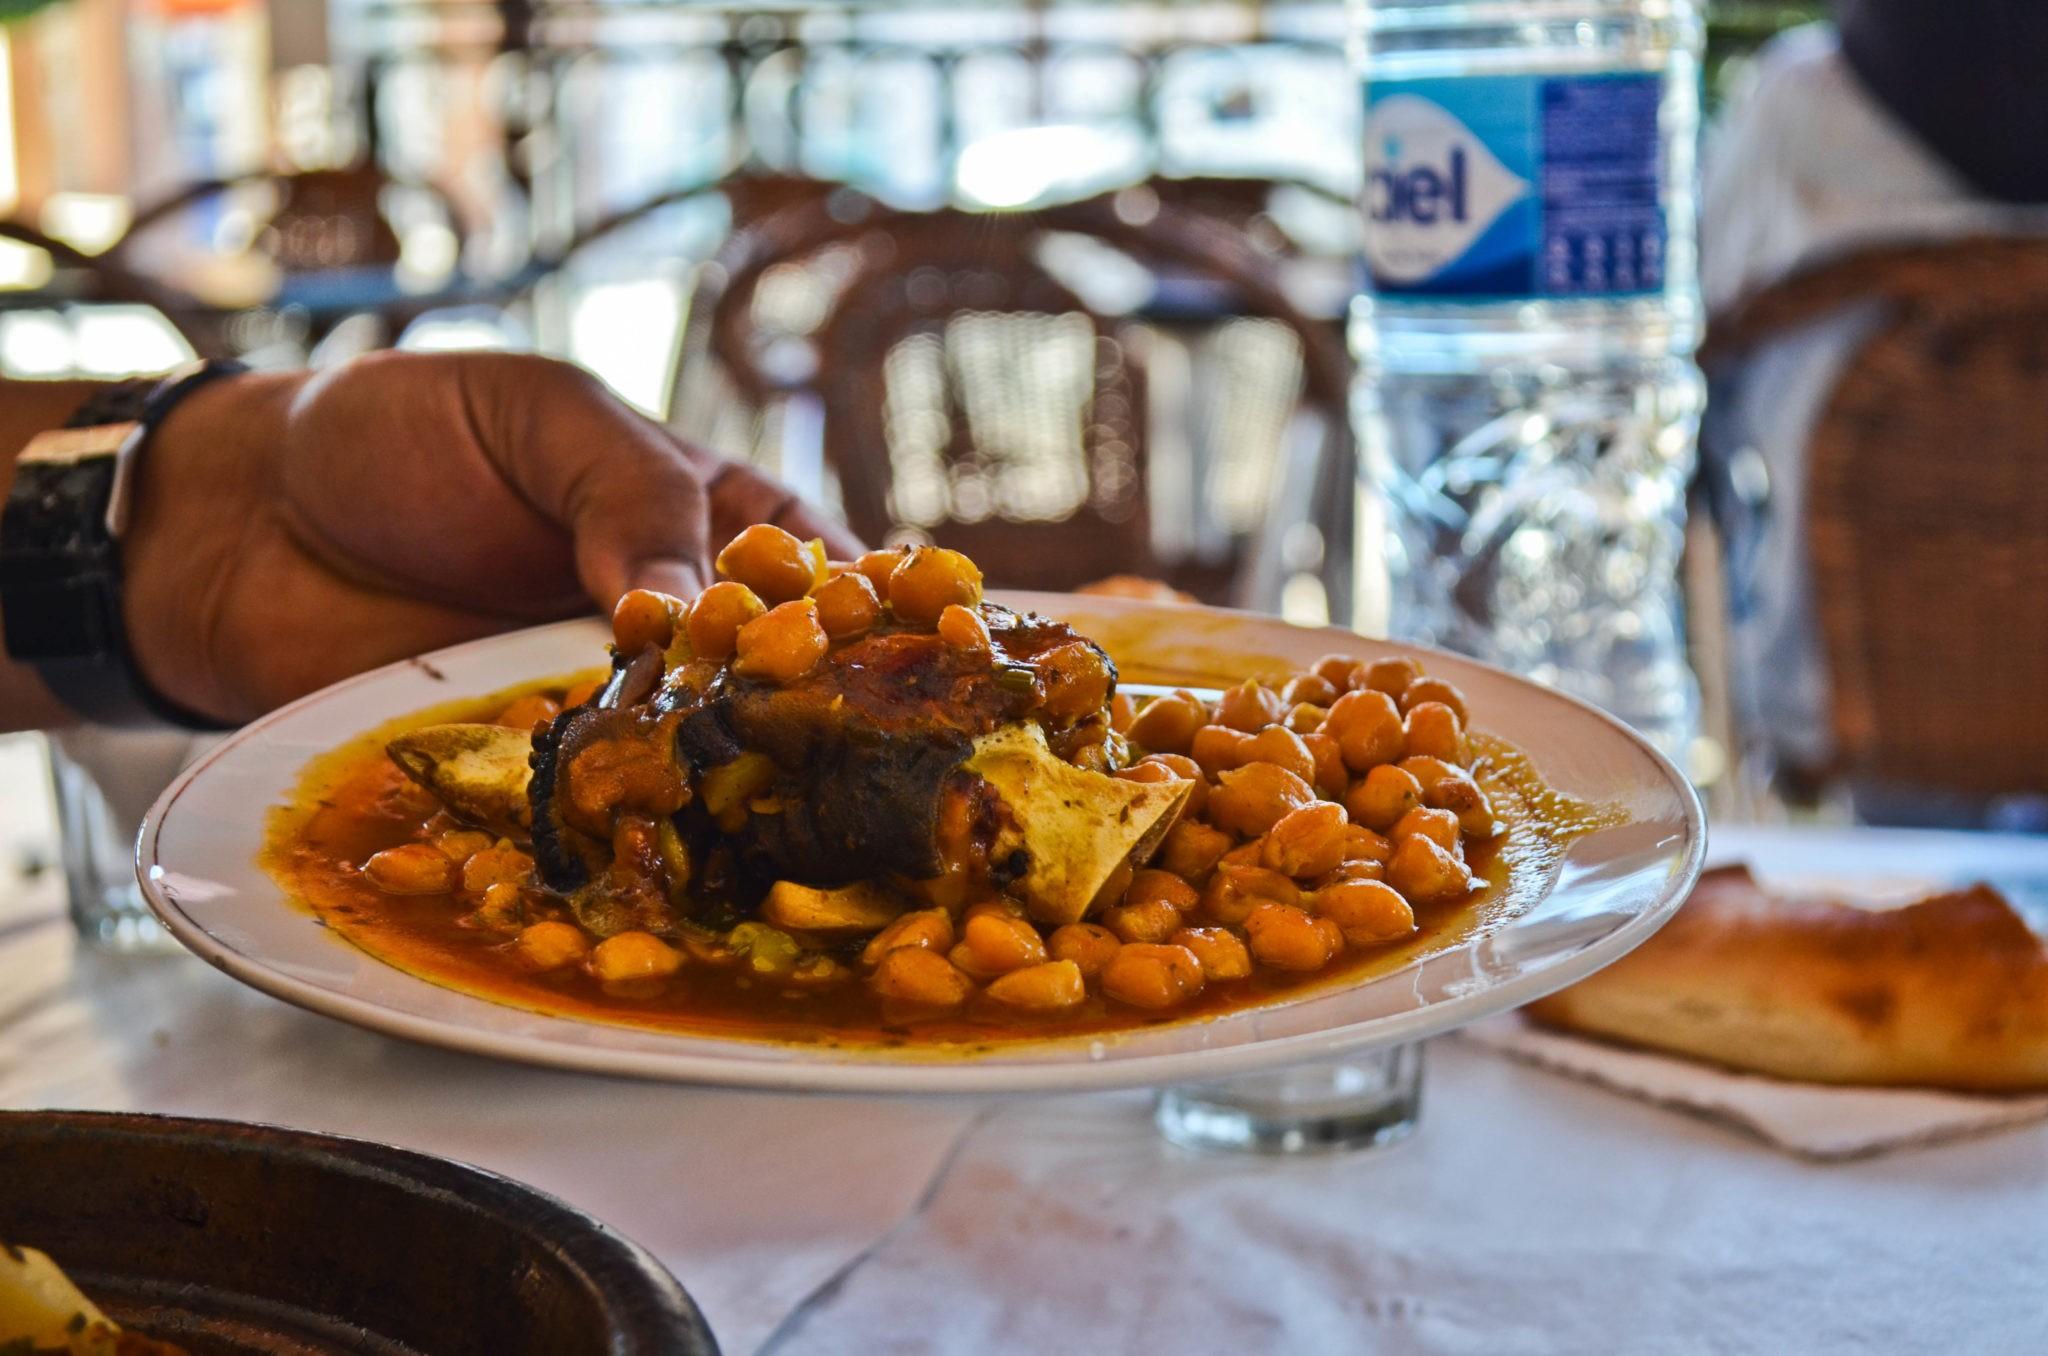 marokanskie jedzenie (1 of 1)-22